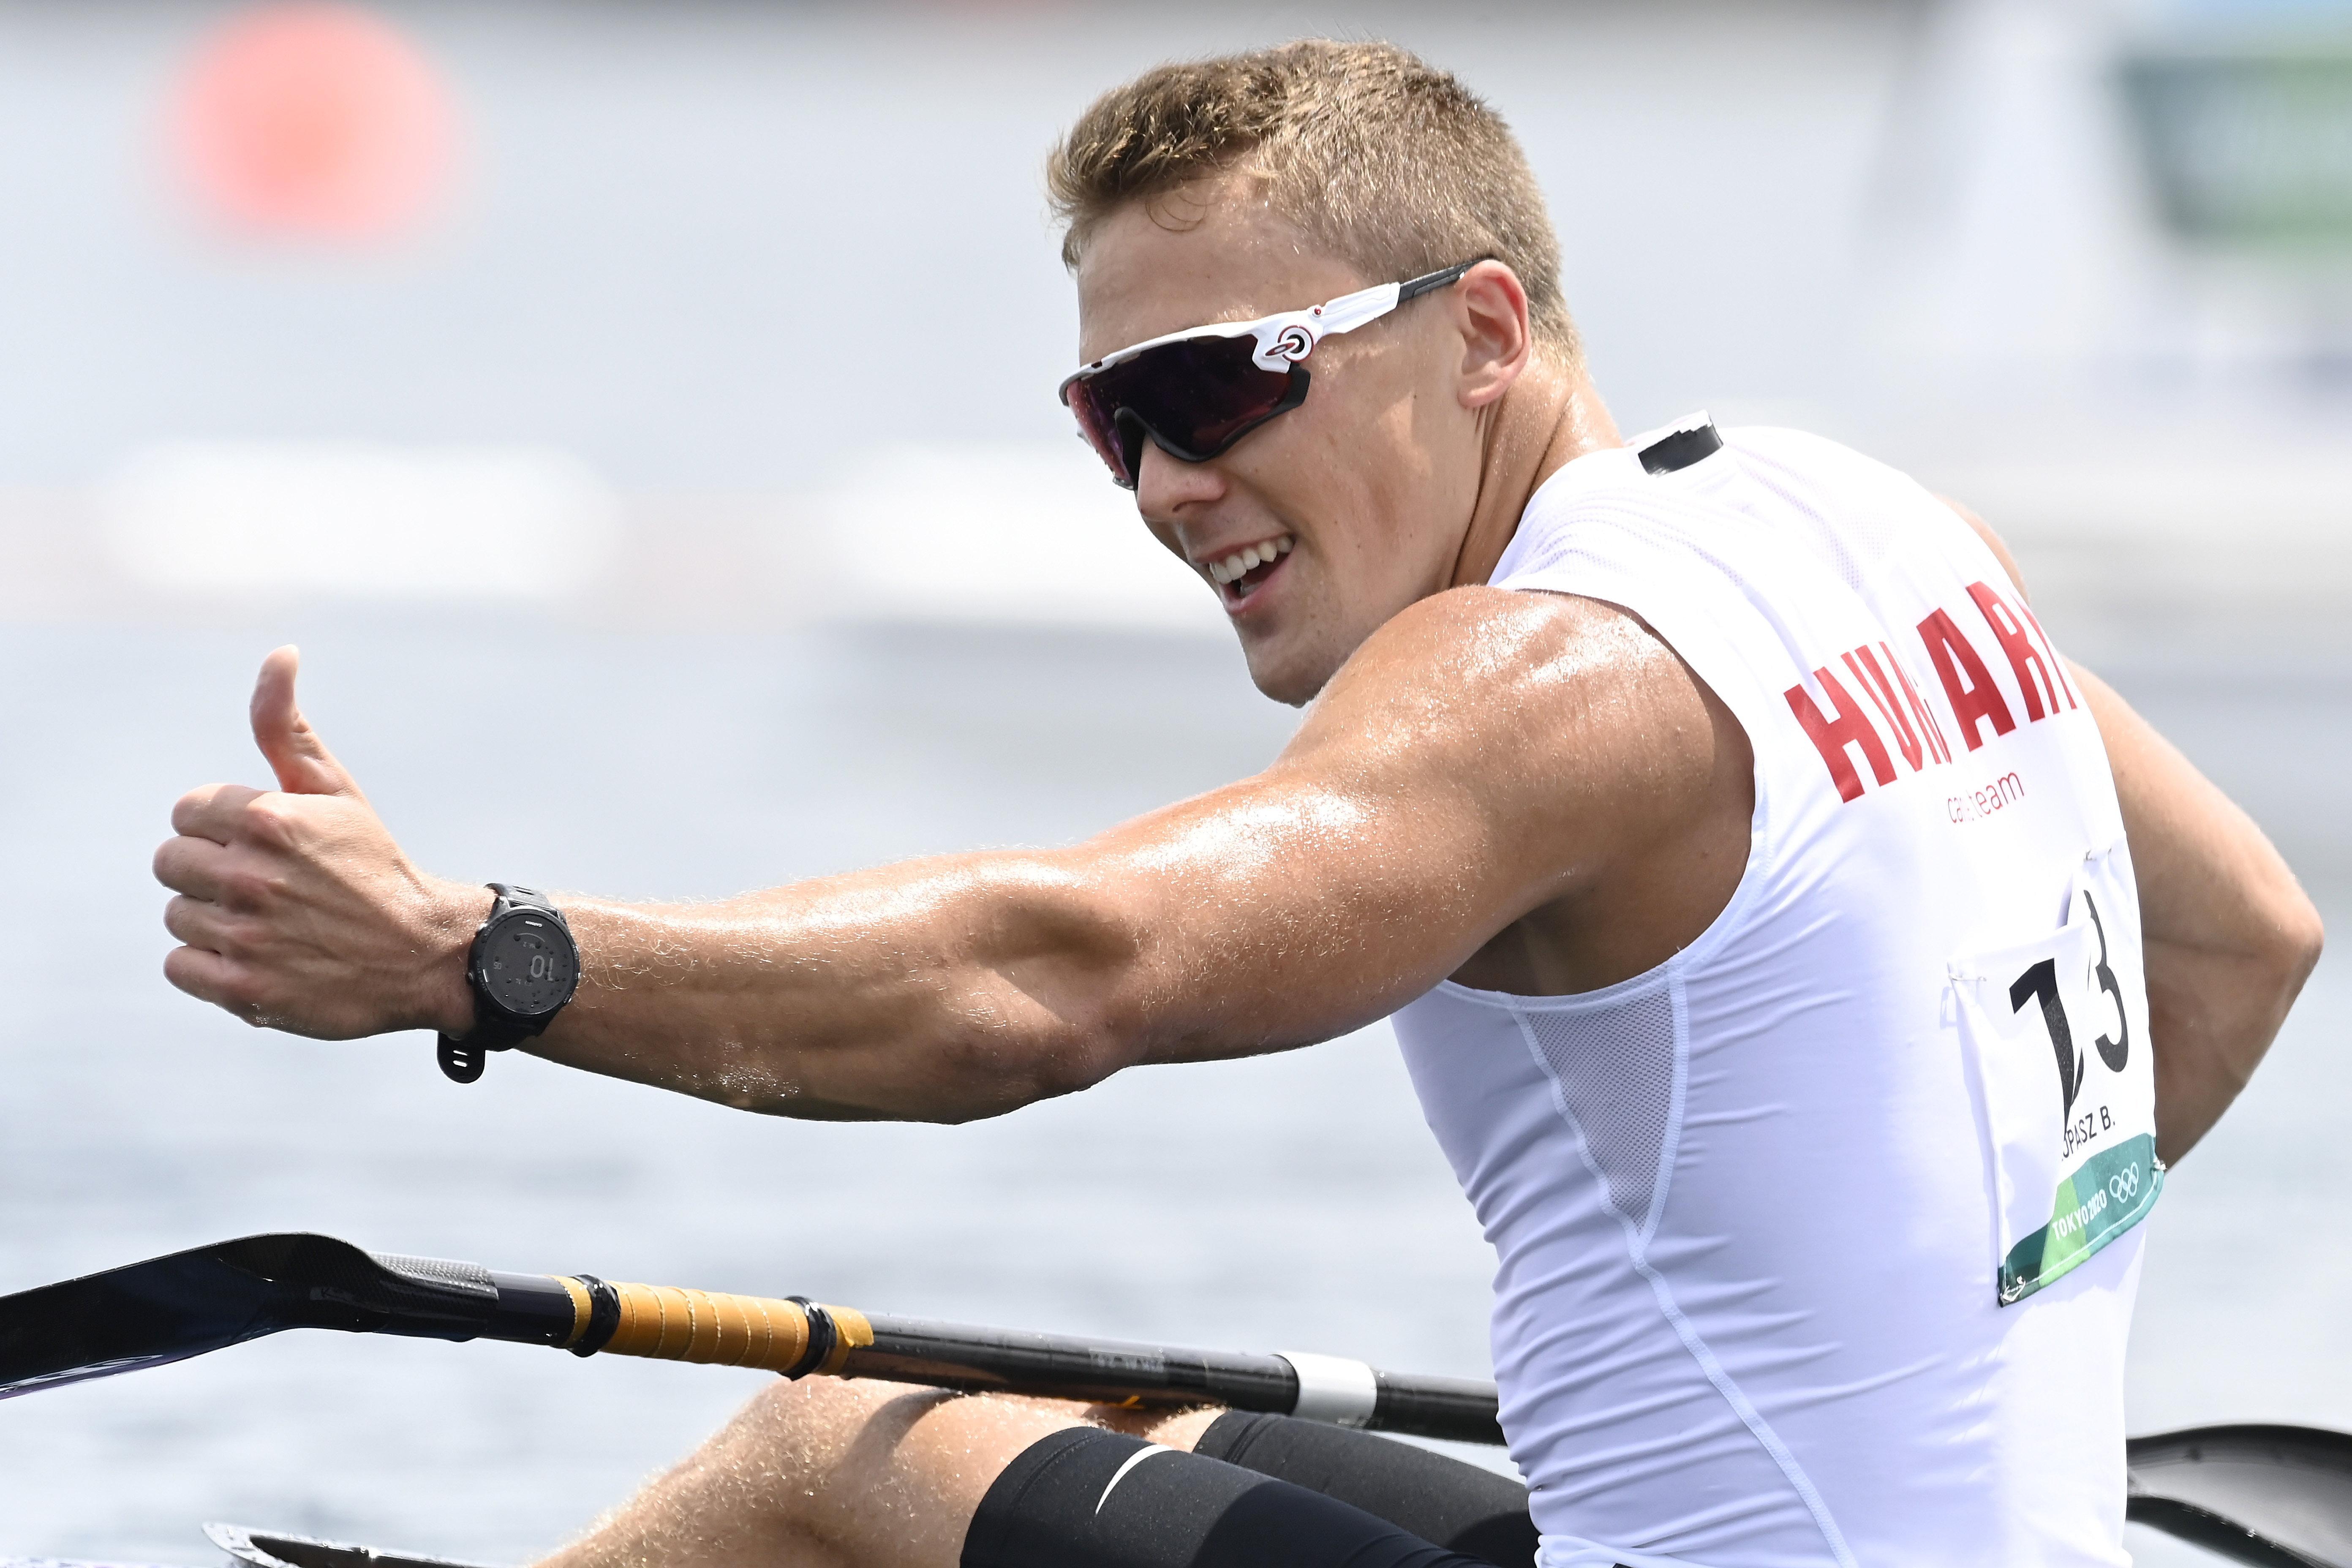 Kövesse velünk a tokiói olimpia tizenegyedik napjának összes fontos eseményét